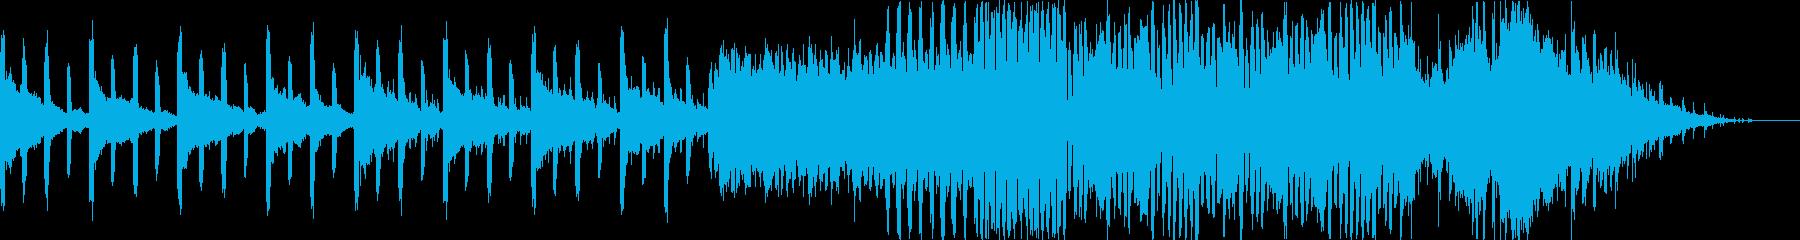 ビートの効いた都会的なBGMの再生済みの波形